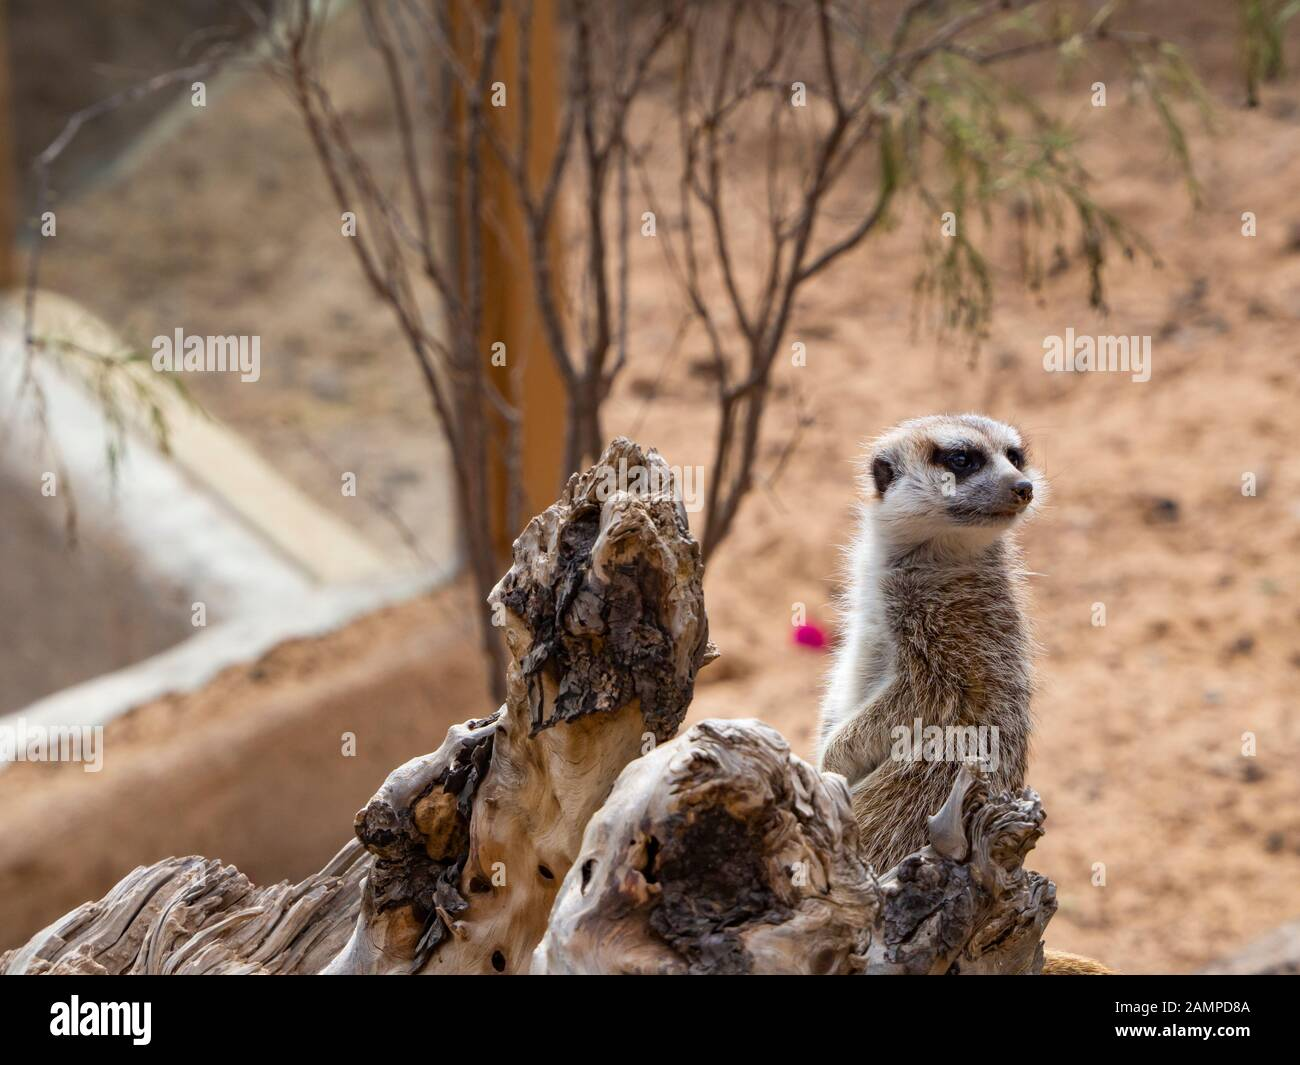 a meerkat next to a rock Stock Photo